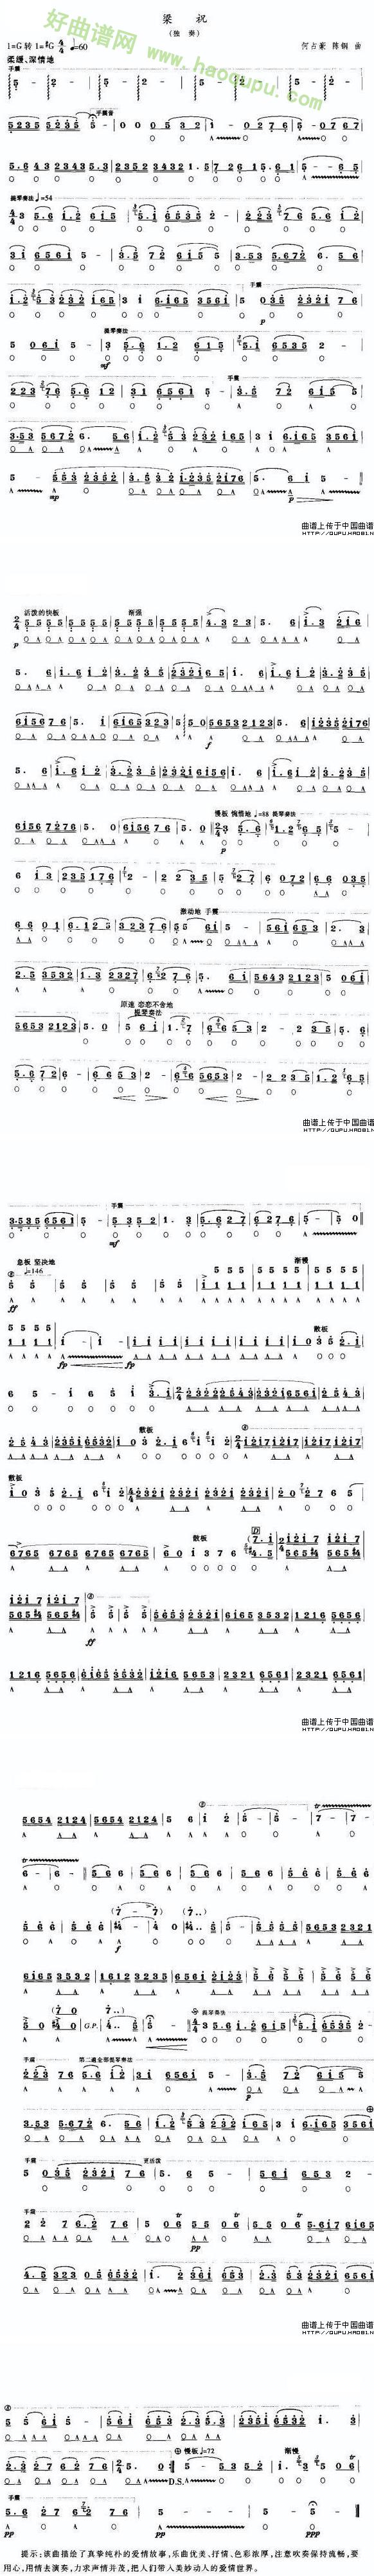 《梁祝》(口琴演奏曲谱) 口琴简谱